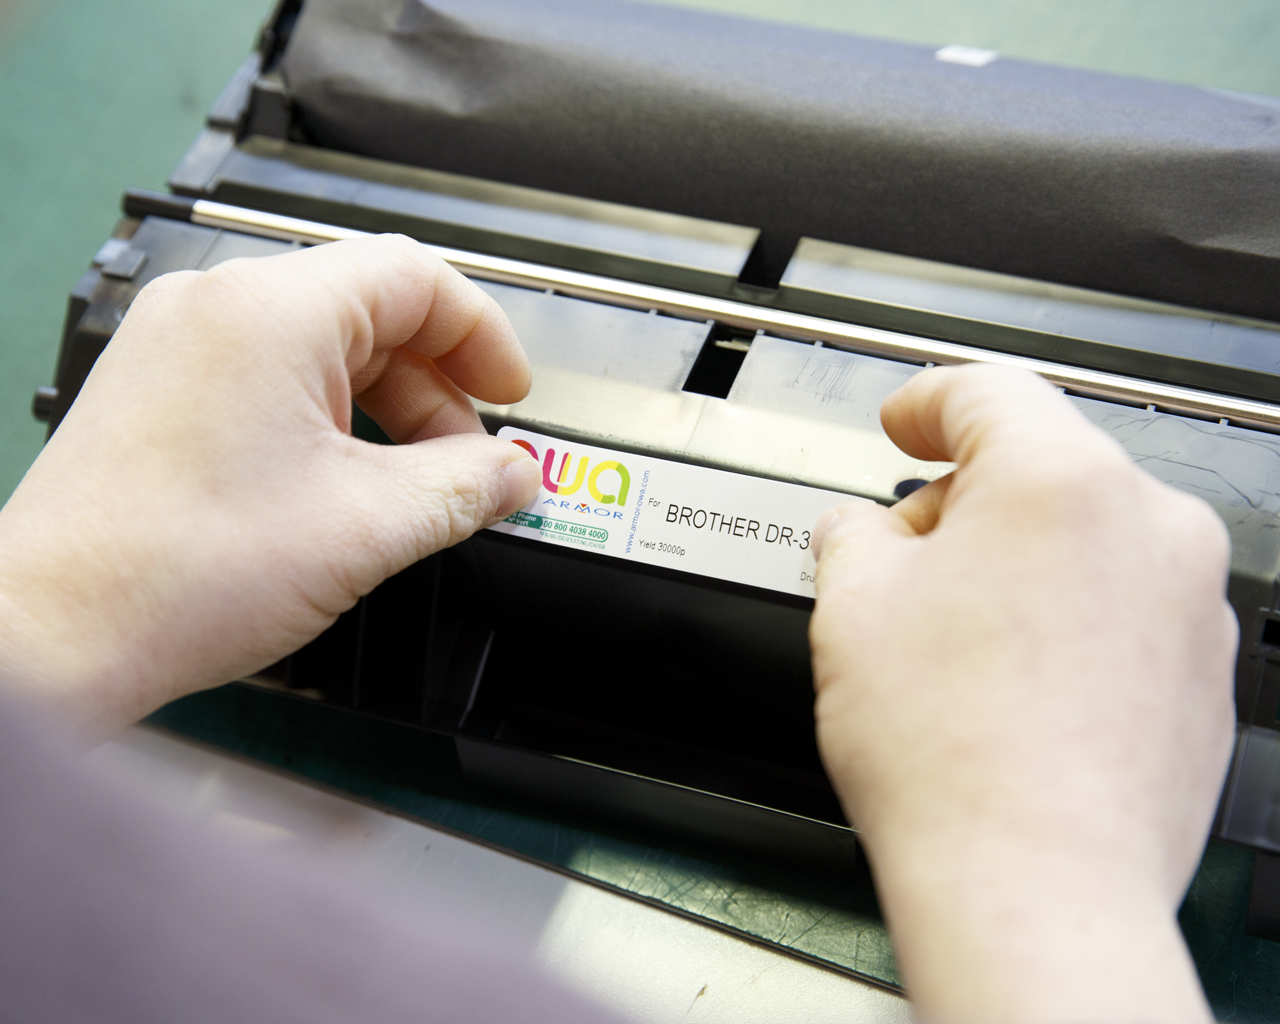 Allonger la durée de vie des imprimantes et des cartouches !